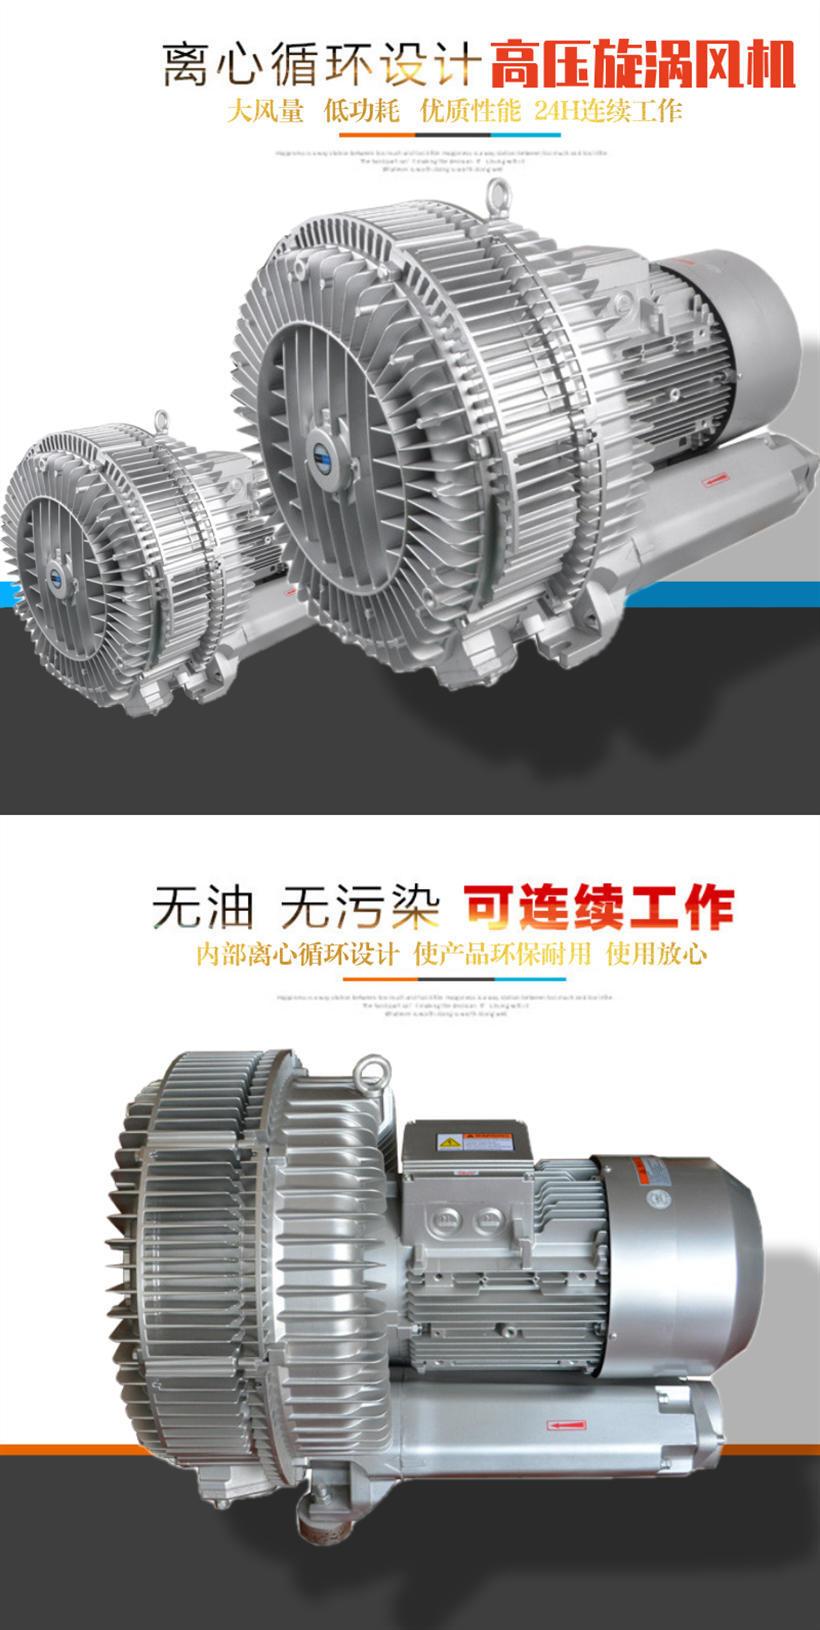 高压风机漩涡风机漩涡气泵真空泵 工业高压鼓风机增氧大功率风机示例图5